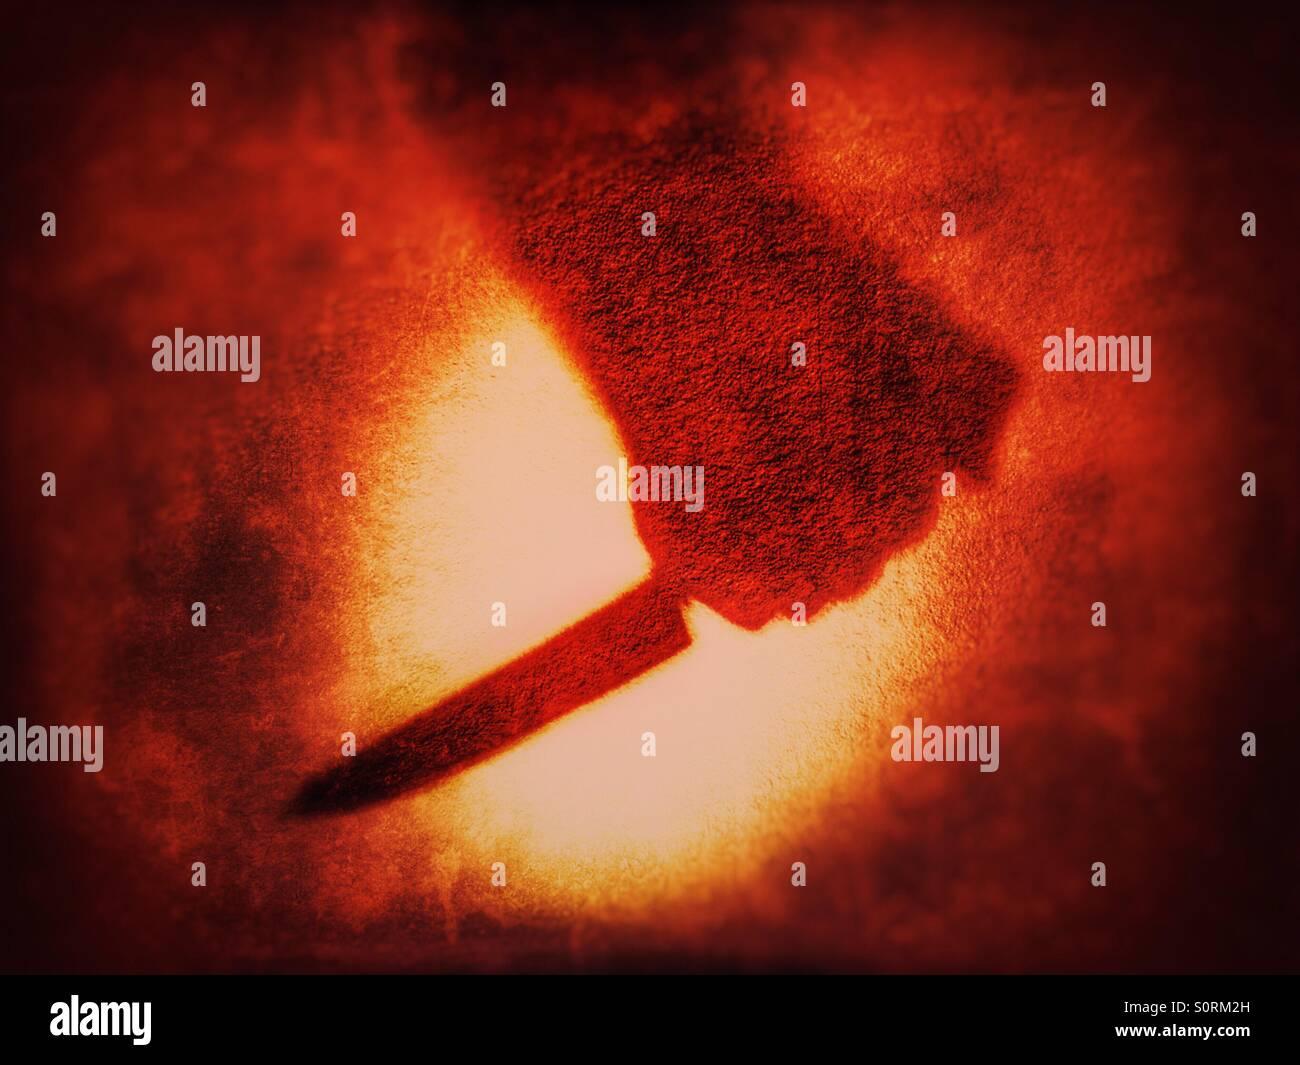 Schatten der Hand greifen Messer blutroten Hintergrund Stockbild